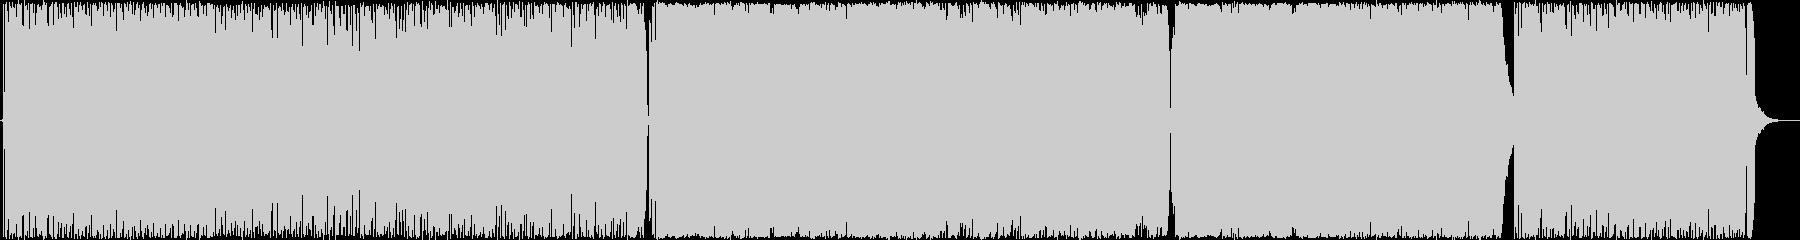 リア充あるあるのノスタルジーロックの未再生の波形